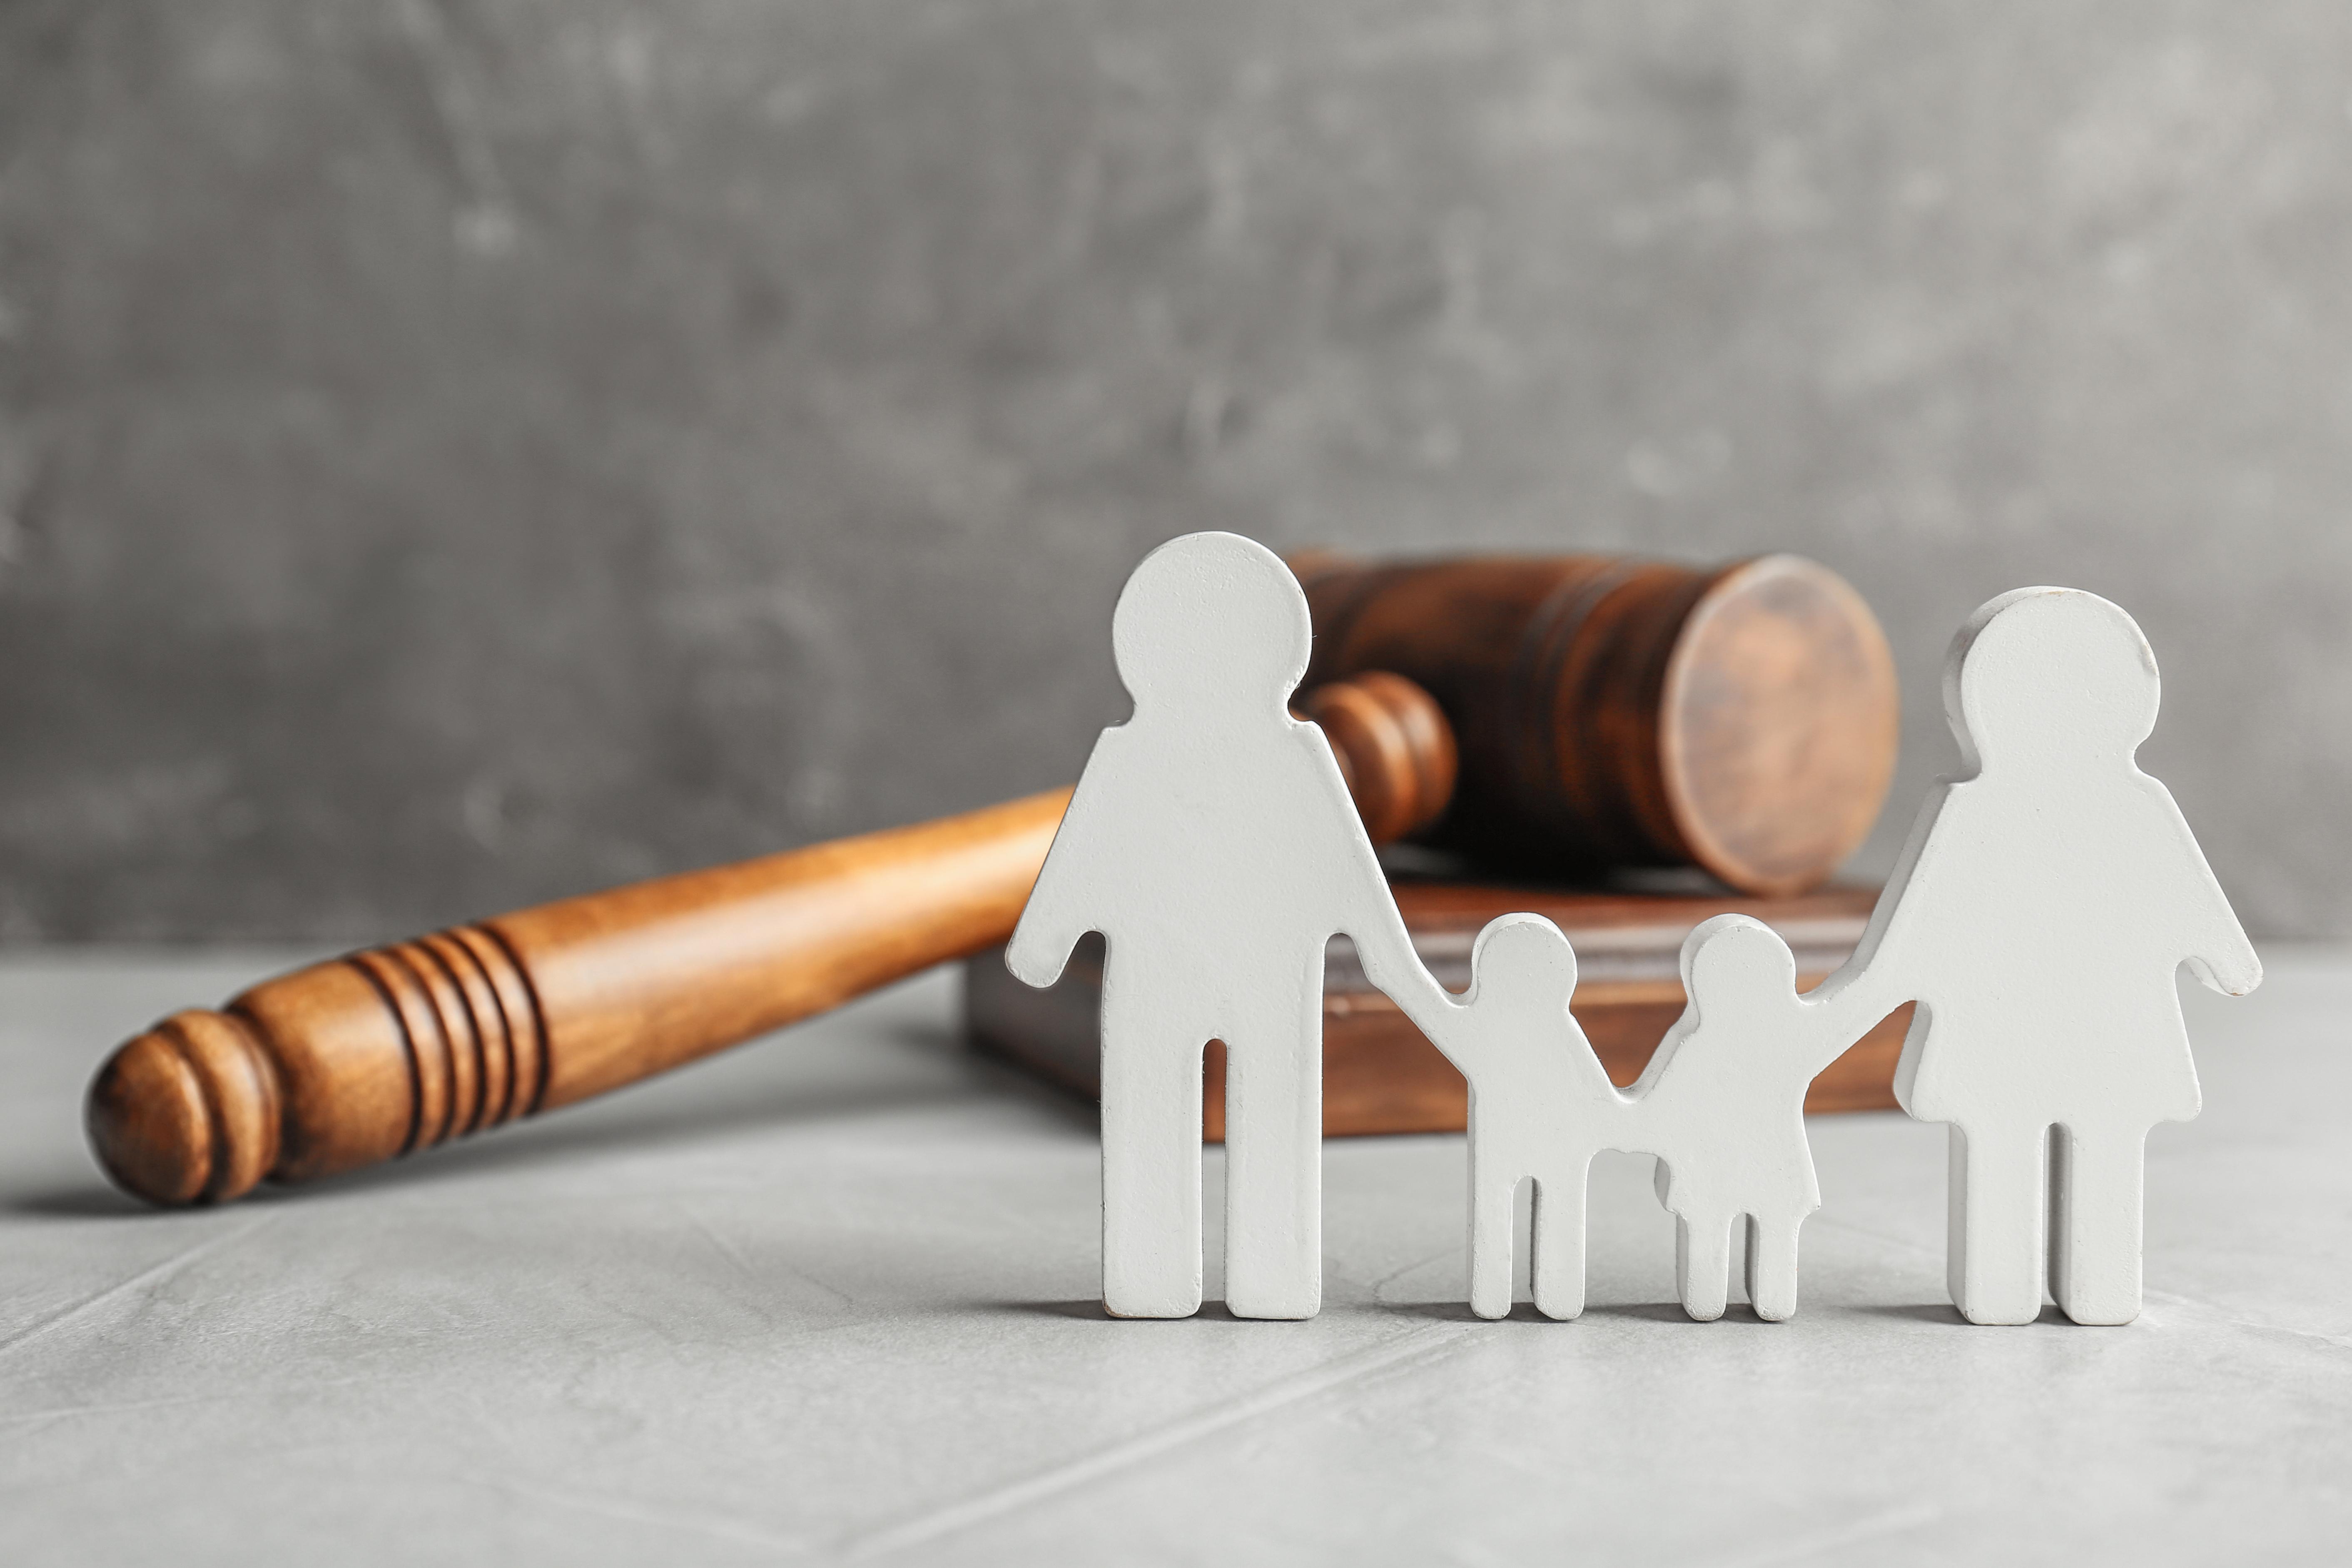 Zadośćuczynienie za naruszenie więzi rodzinnej - nowe przepisy